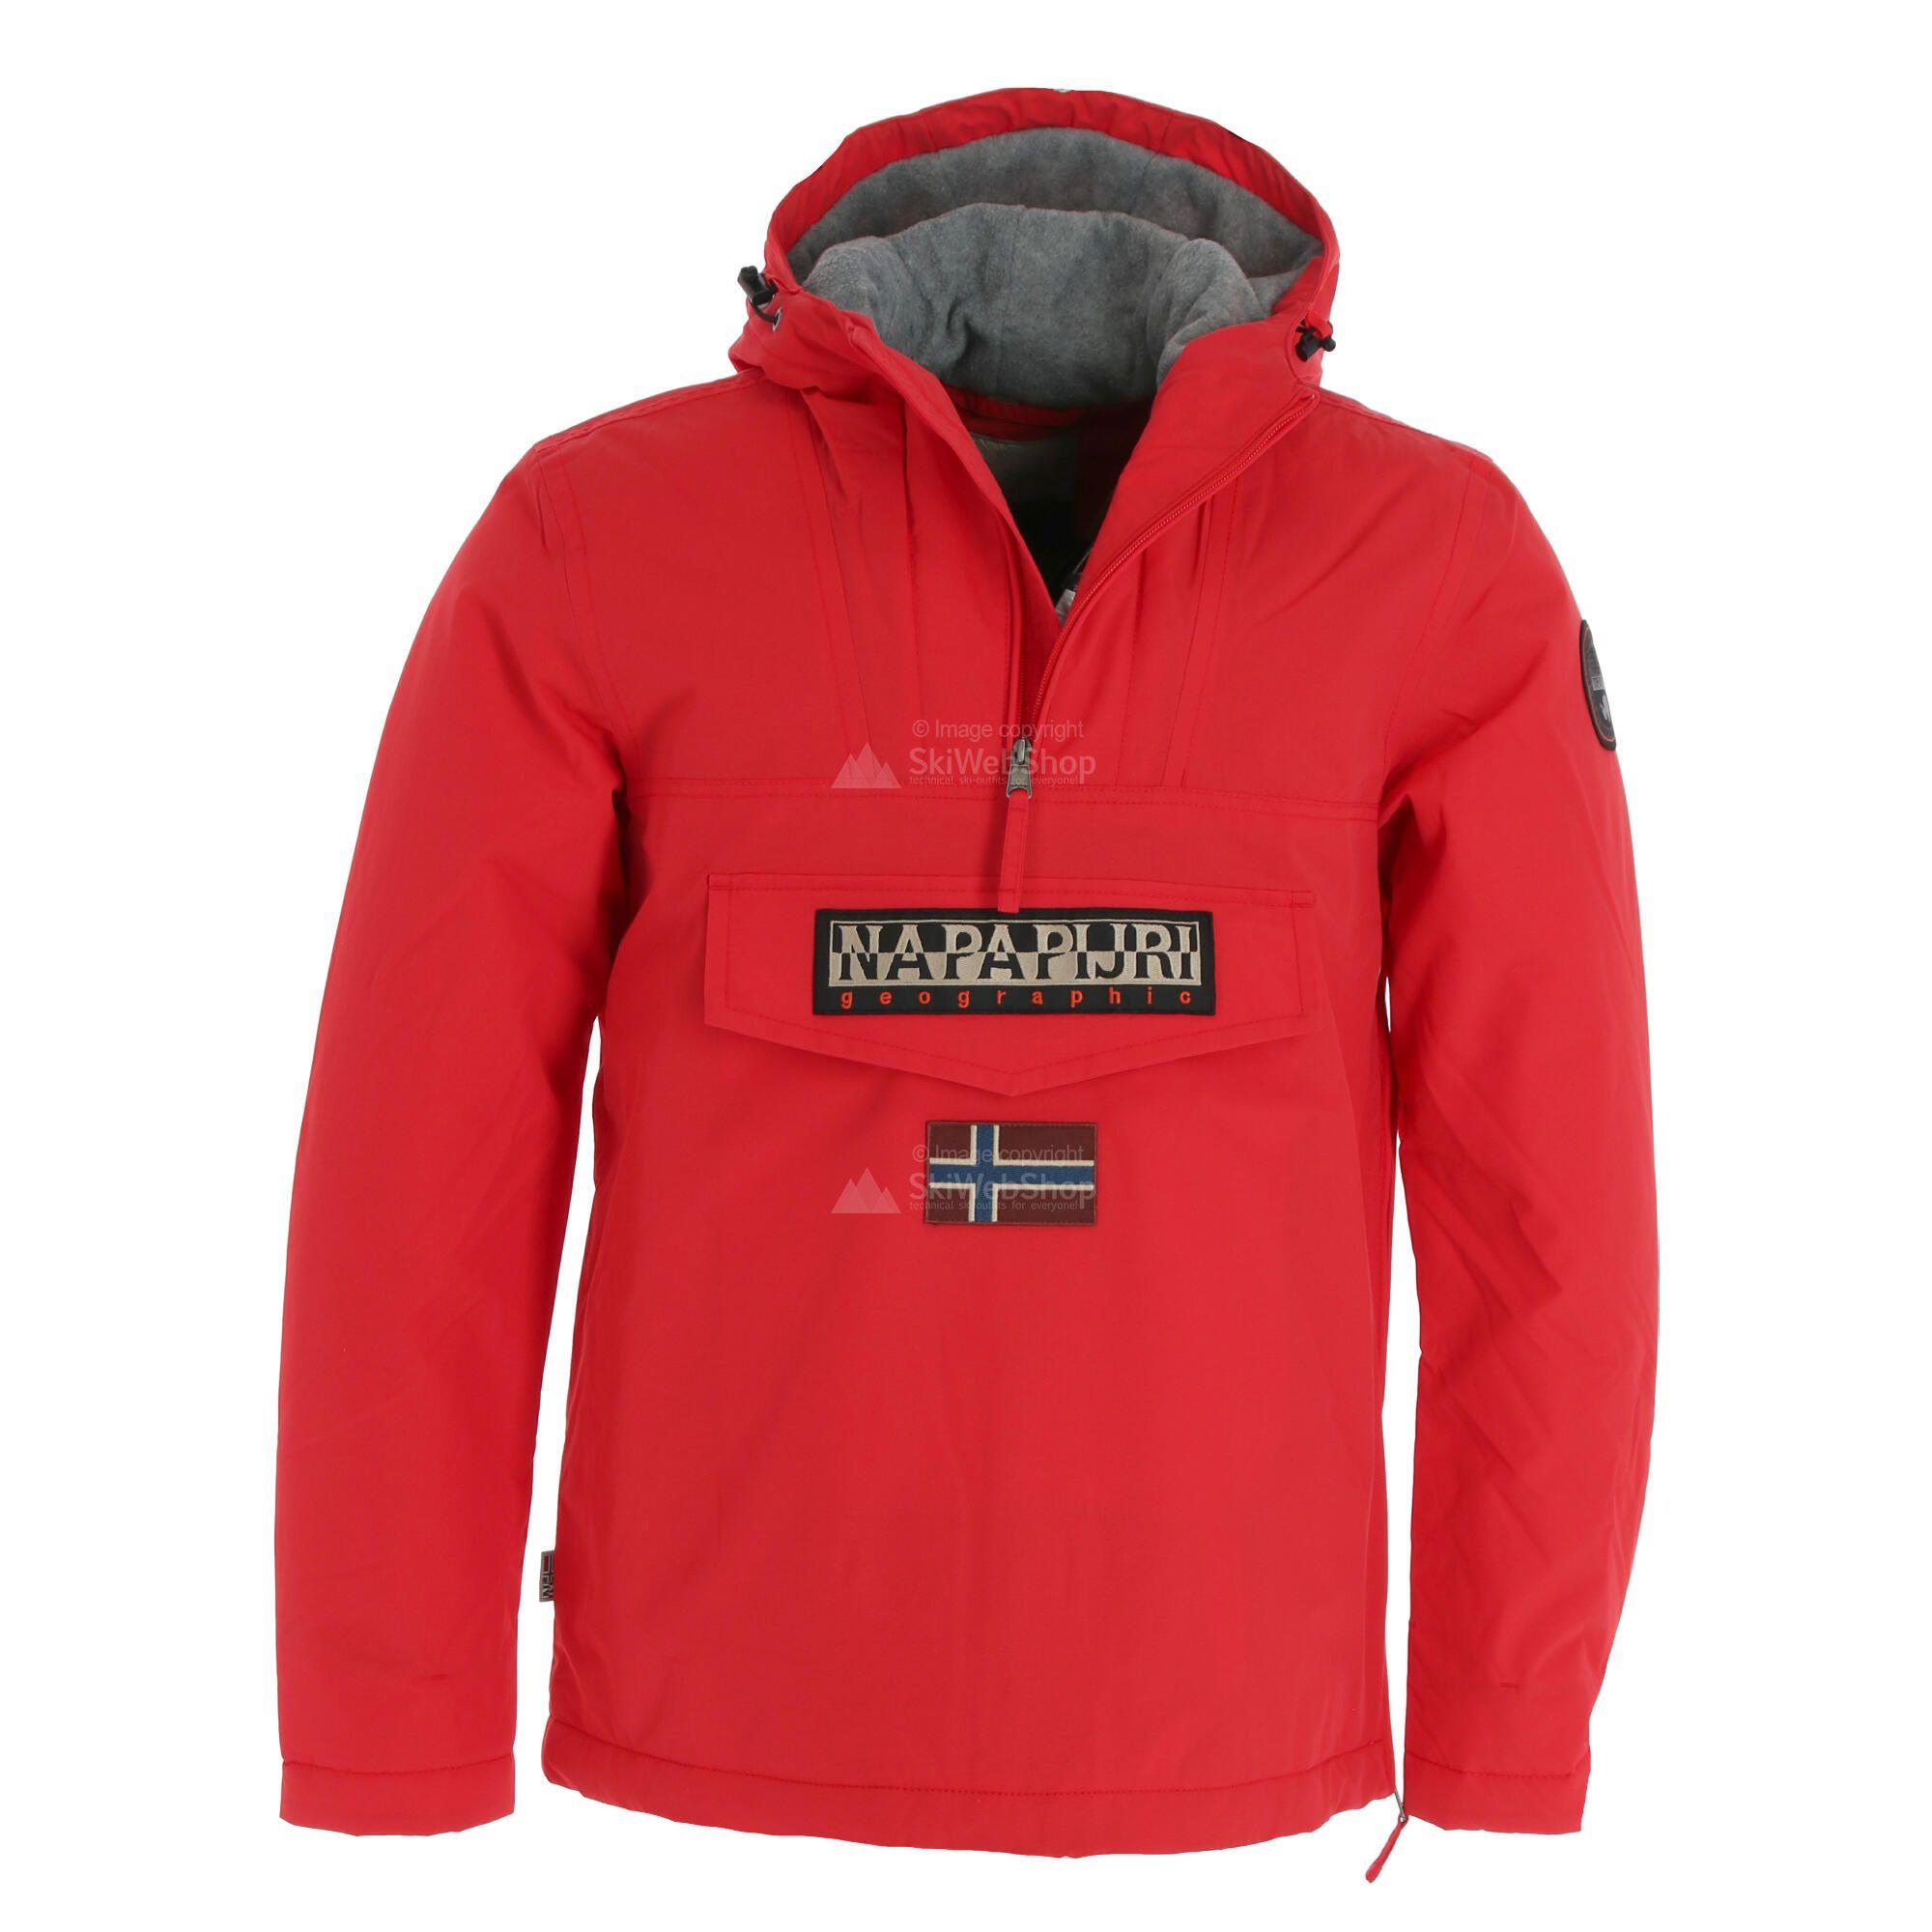 Struttura preambolo cremagliera  Napapijri, Rainforest Winter, giacca invernale, uomo, rosso • SkiWebShop